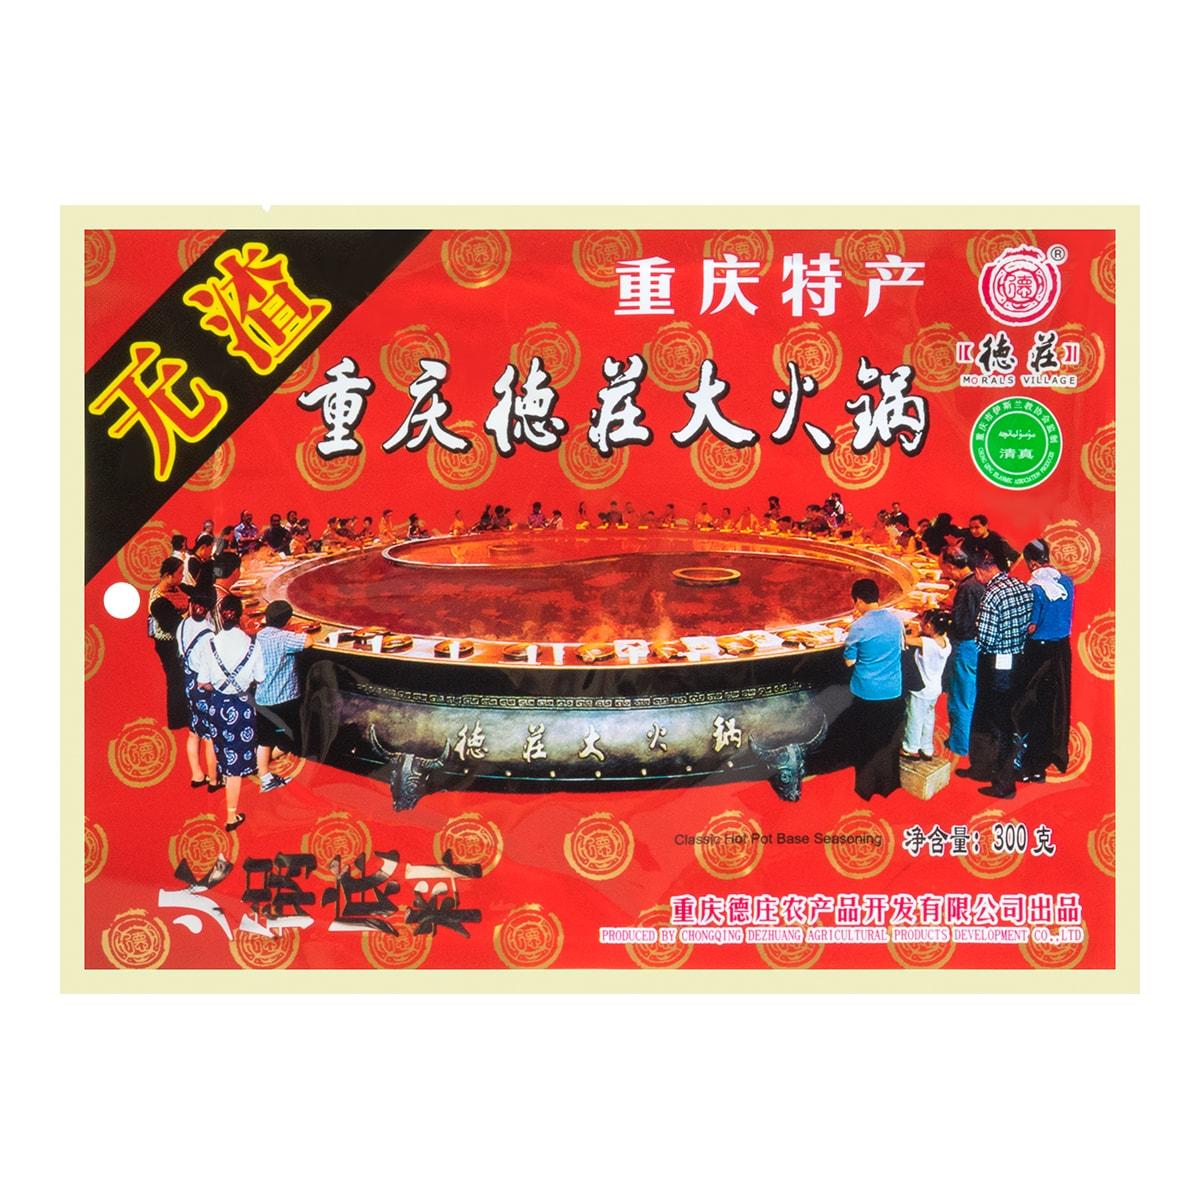 重庆德庄 经典正宗无渣火锅底料 300g